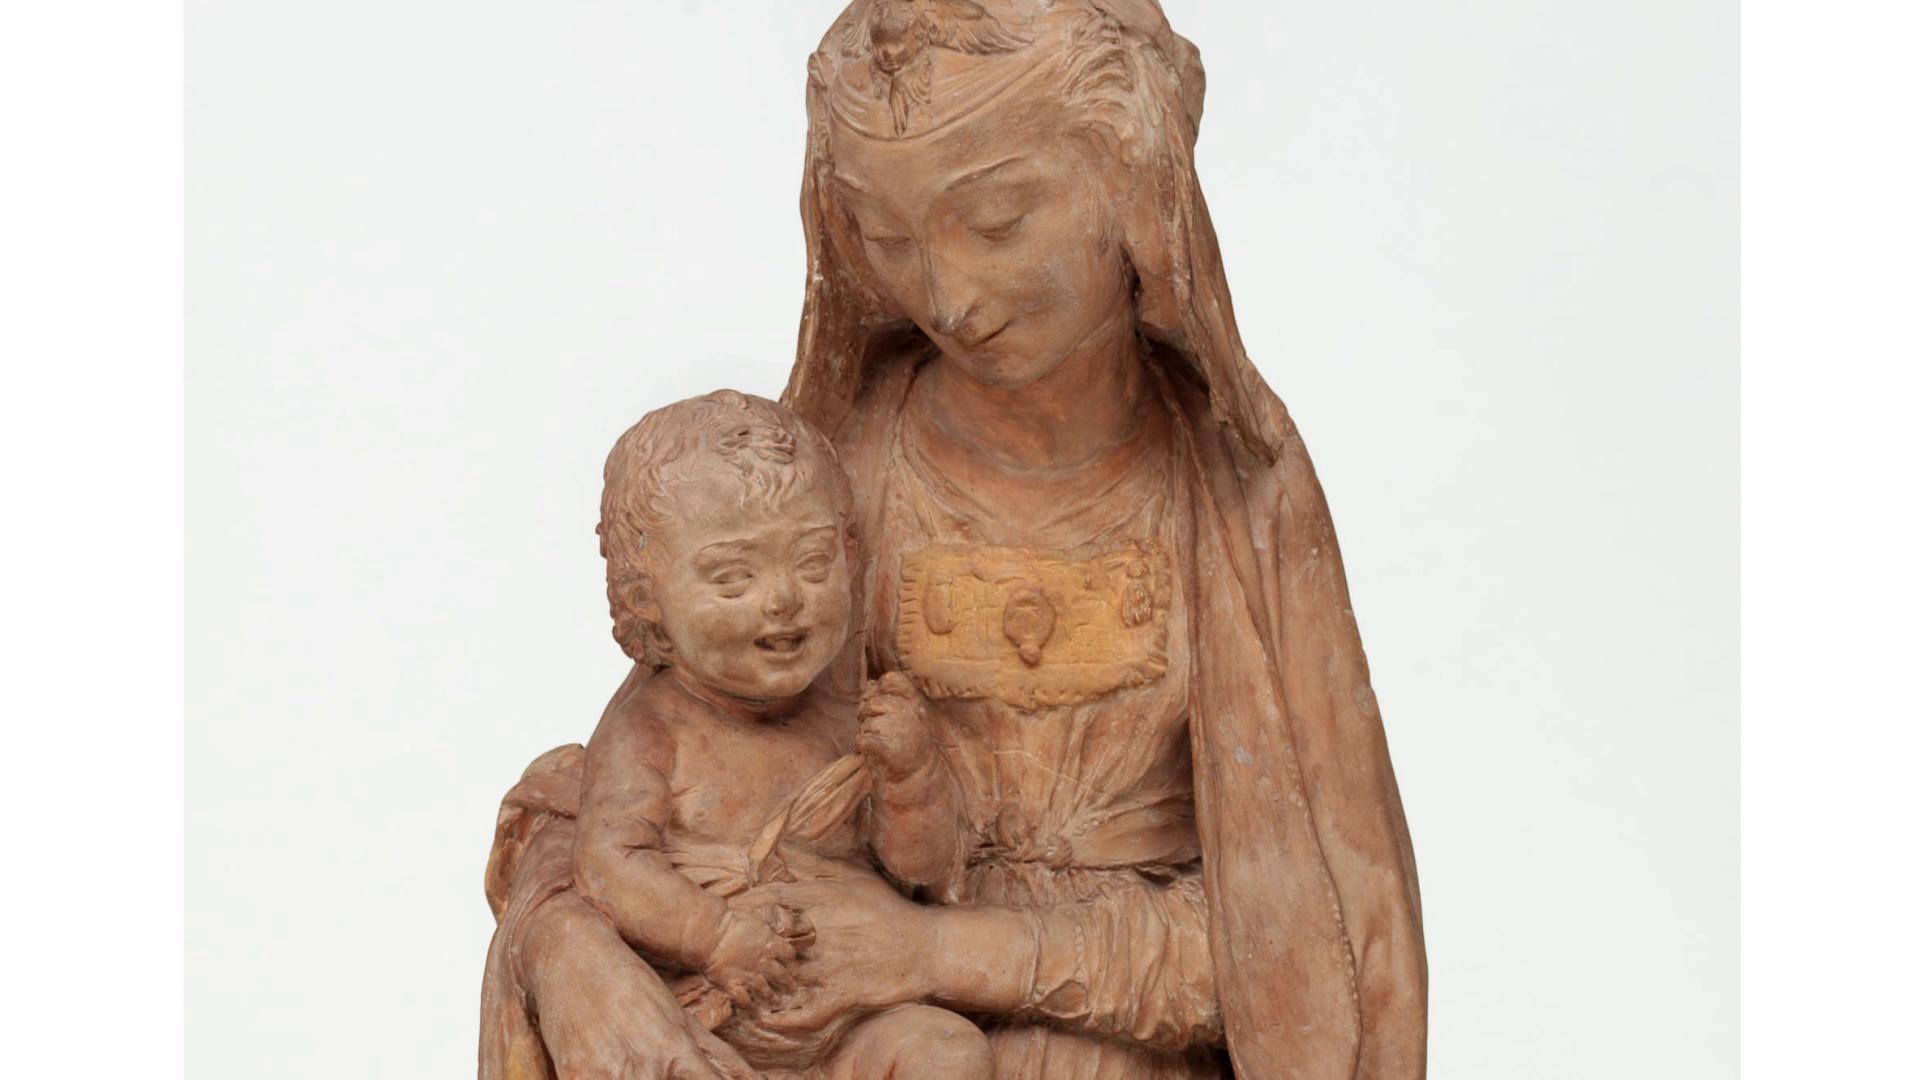 Gjendet në një galeri në Firence, skulptura e Leonardo da Vincit